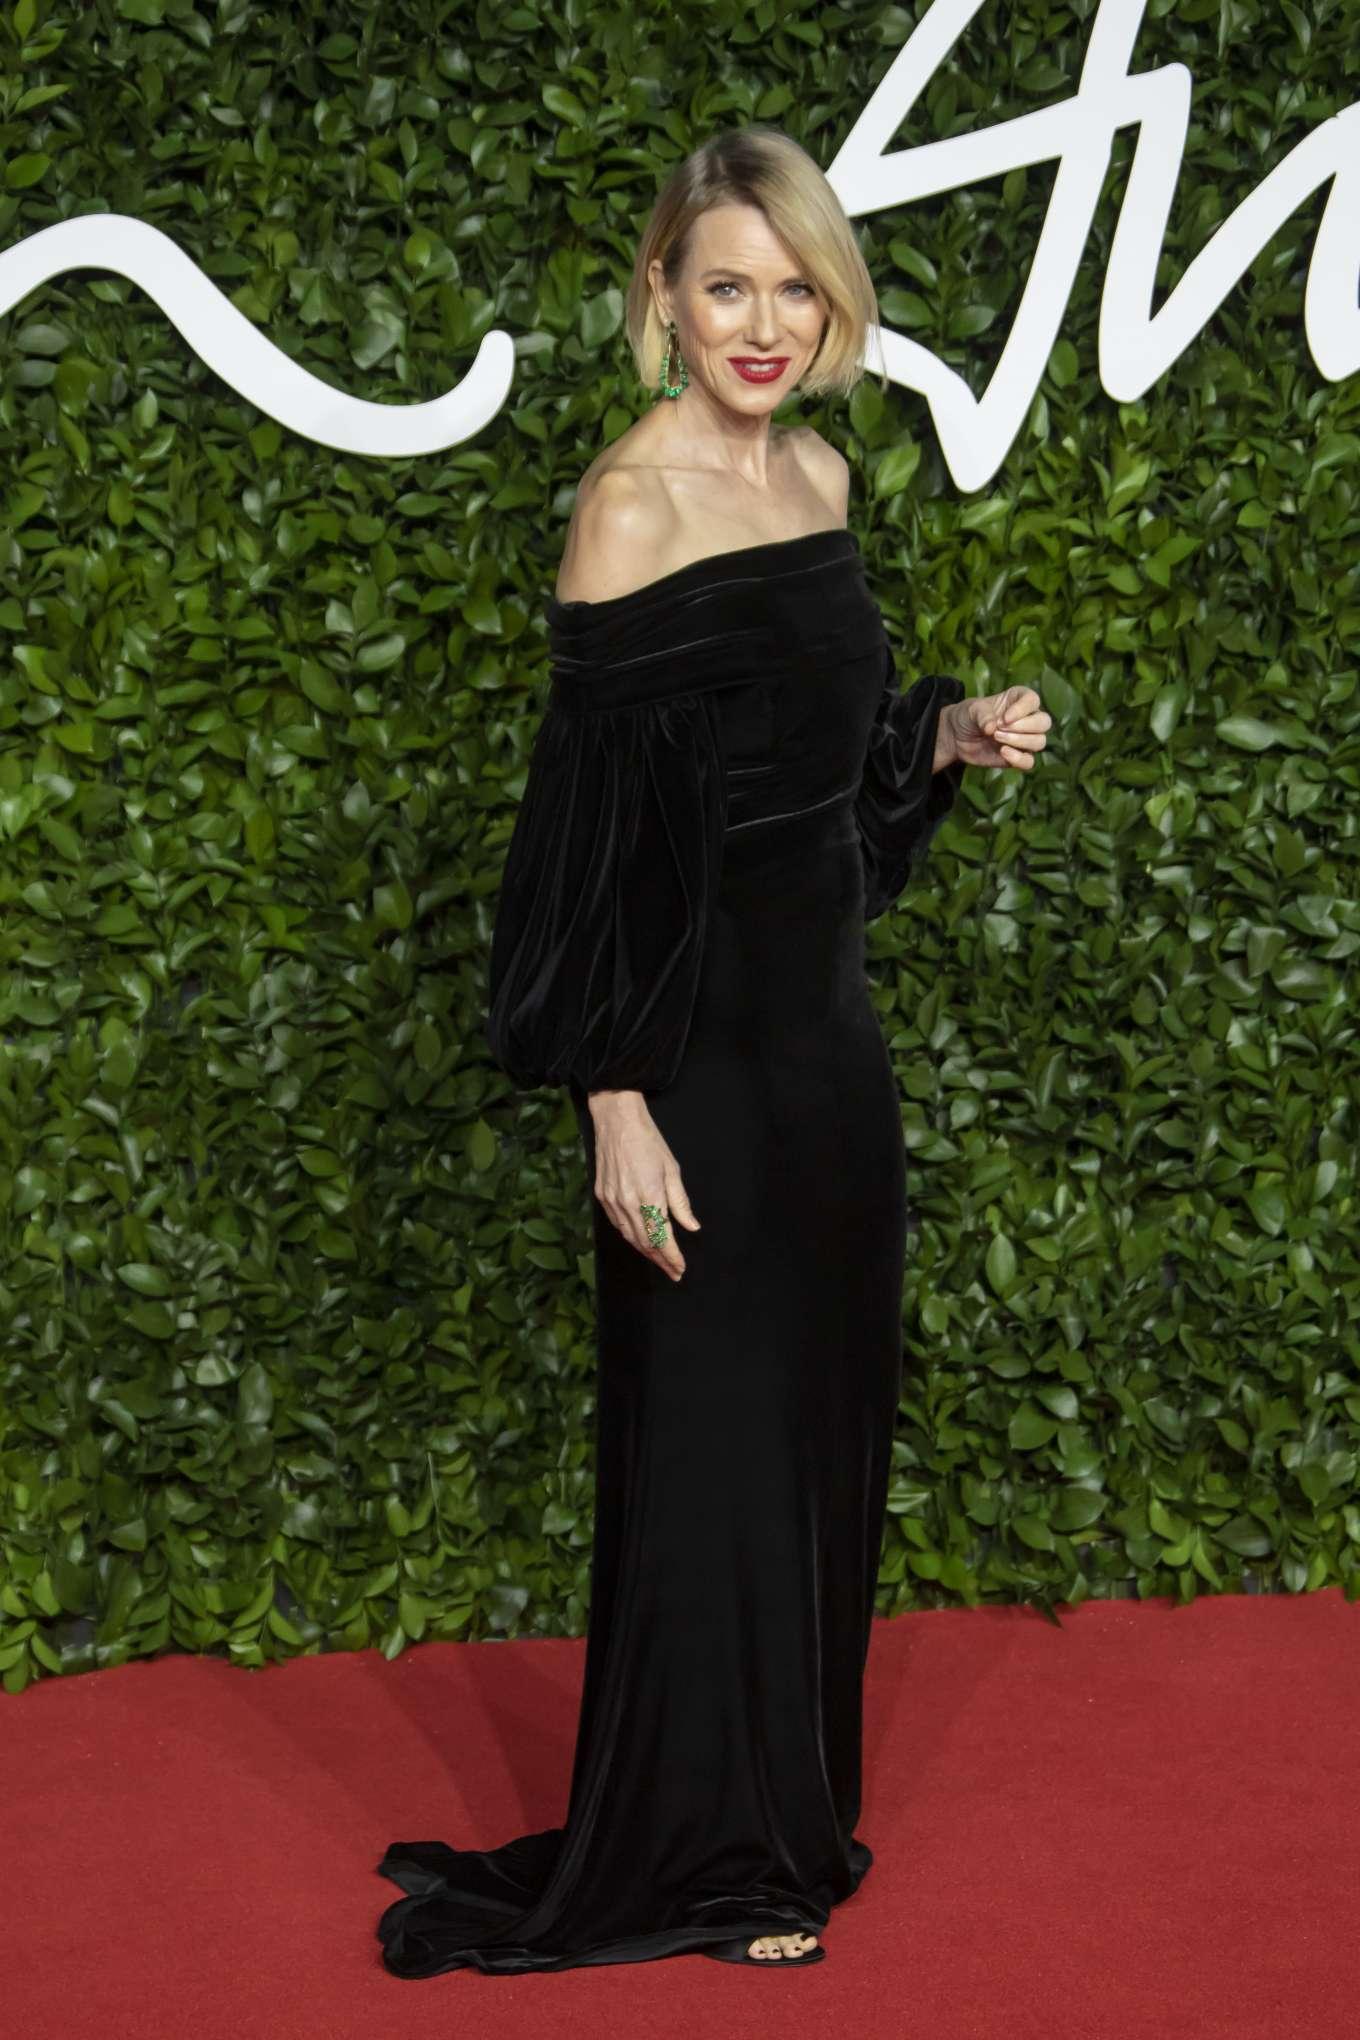 Naomi Watts 2019 : Naomi Watts – Fashion Awards 2019 in London-02